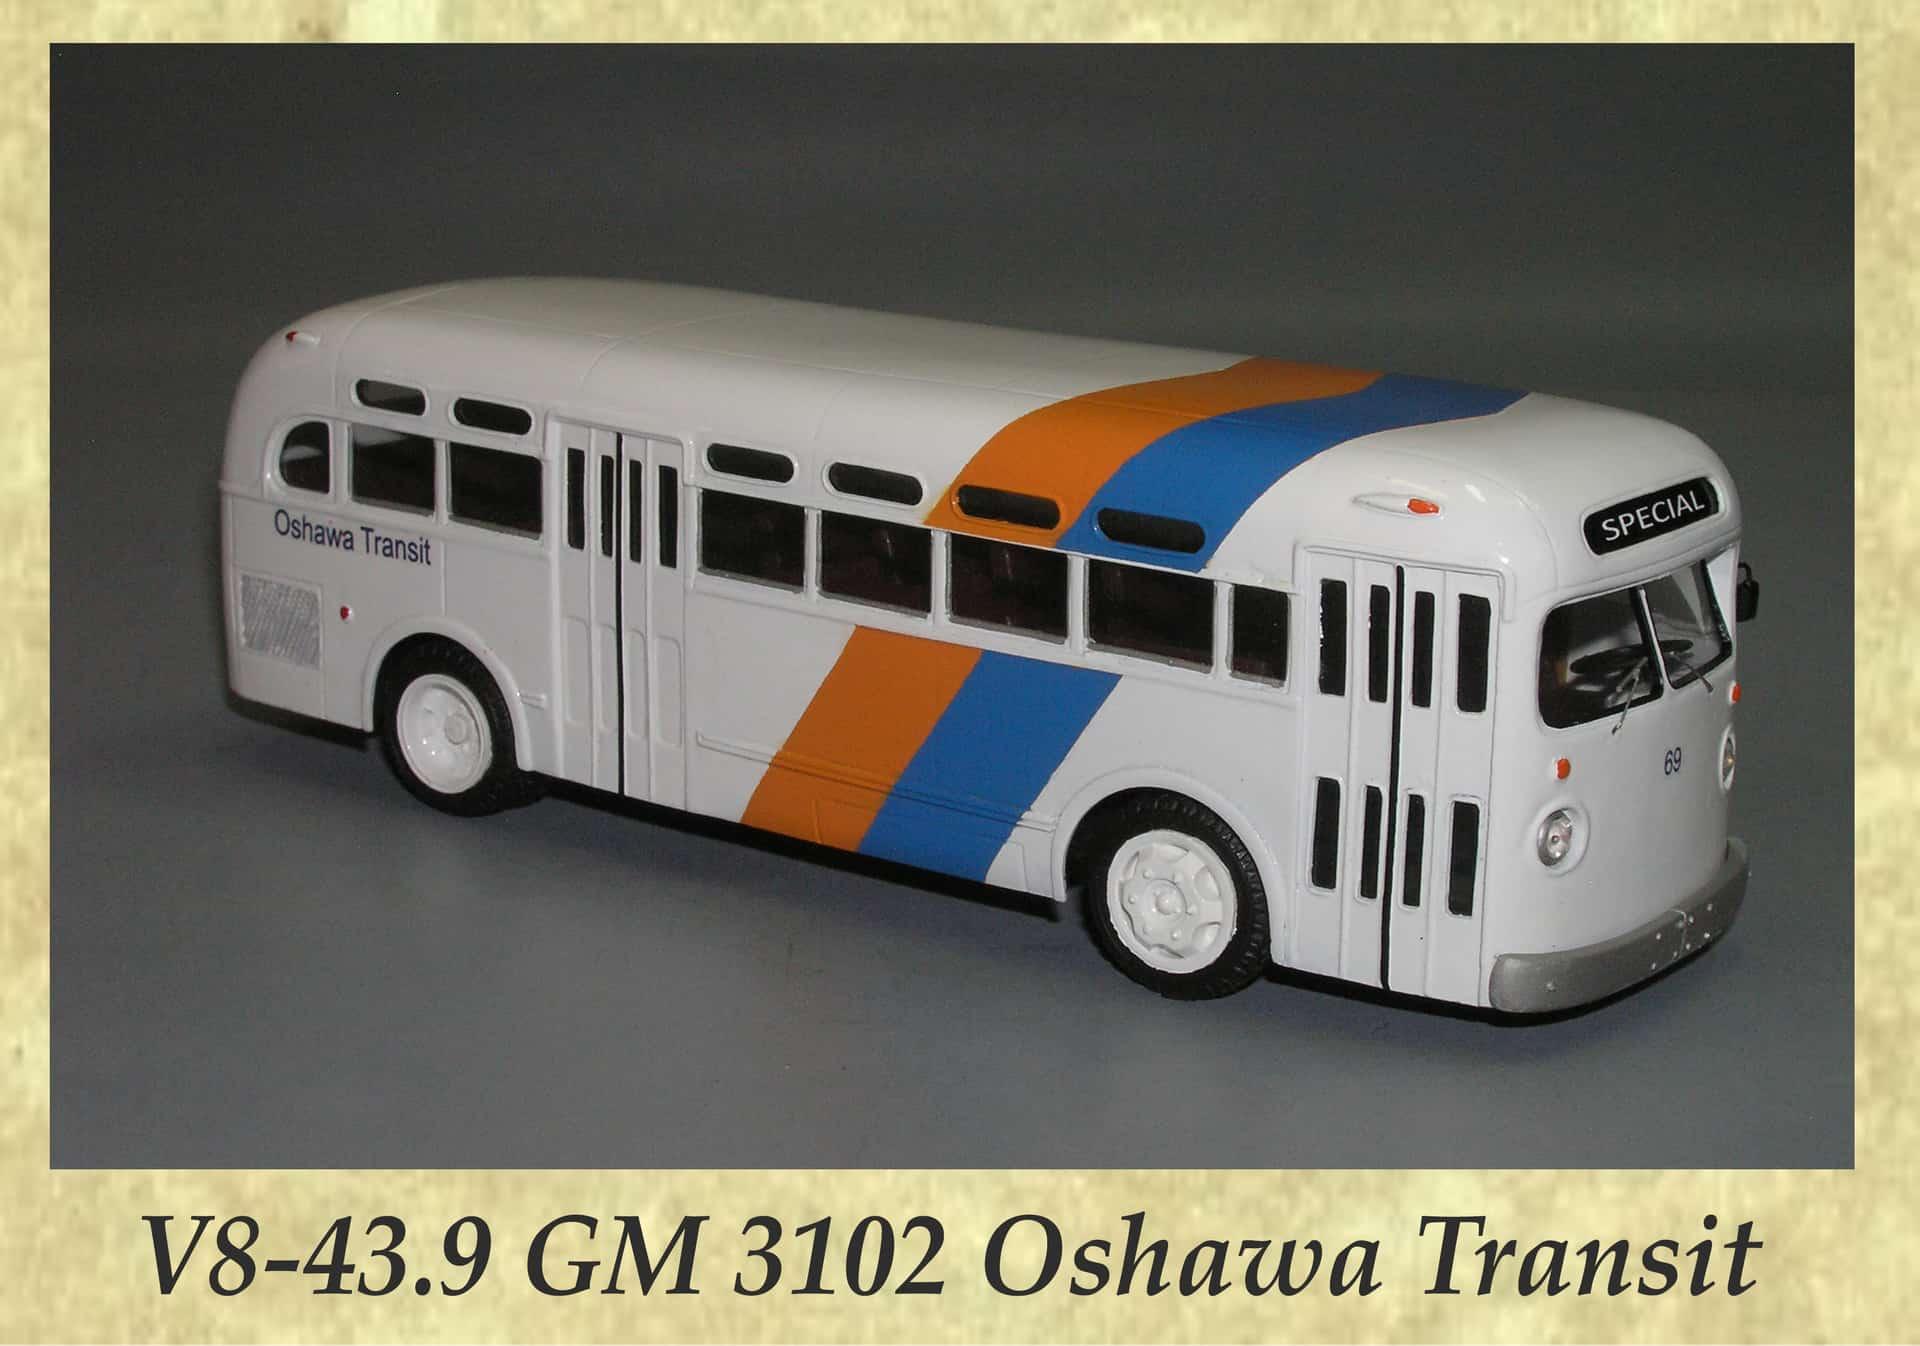 V8-43.9 GM 3102 Oshawa Transit